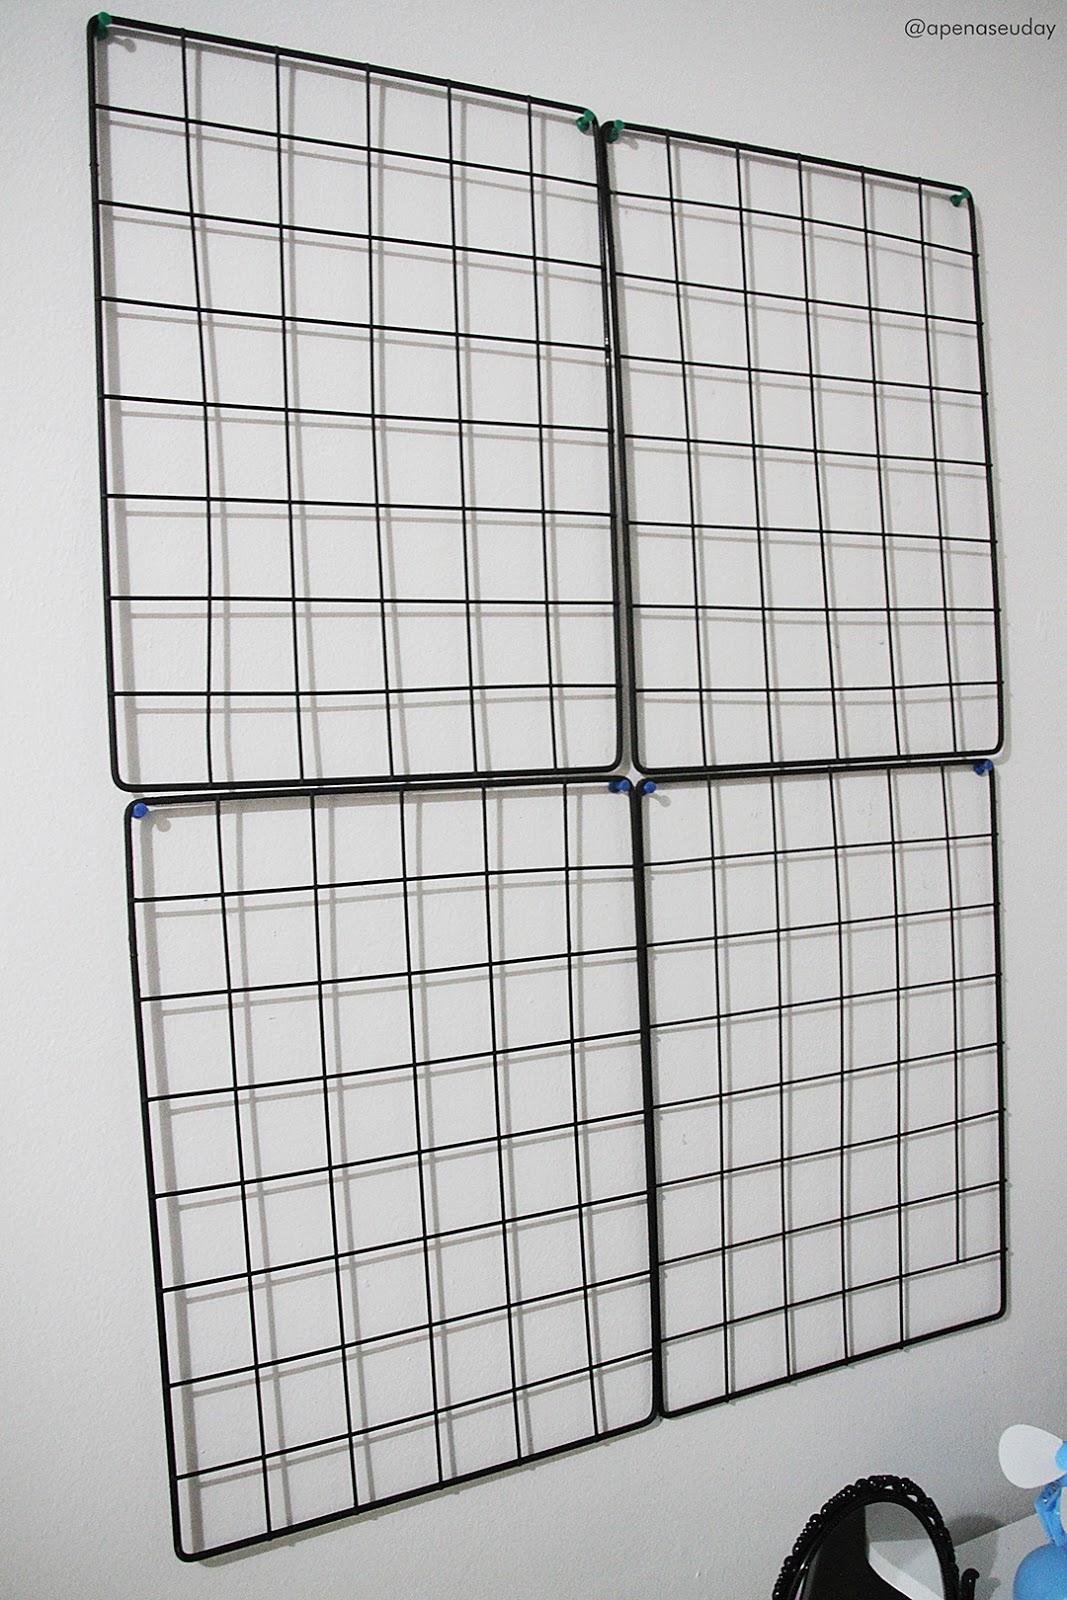 Aprenda a fazer um mural de grades para fotografias reaproveitando grades de uma estande de roupas. Acesse agora!